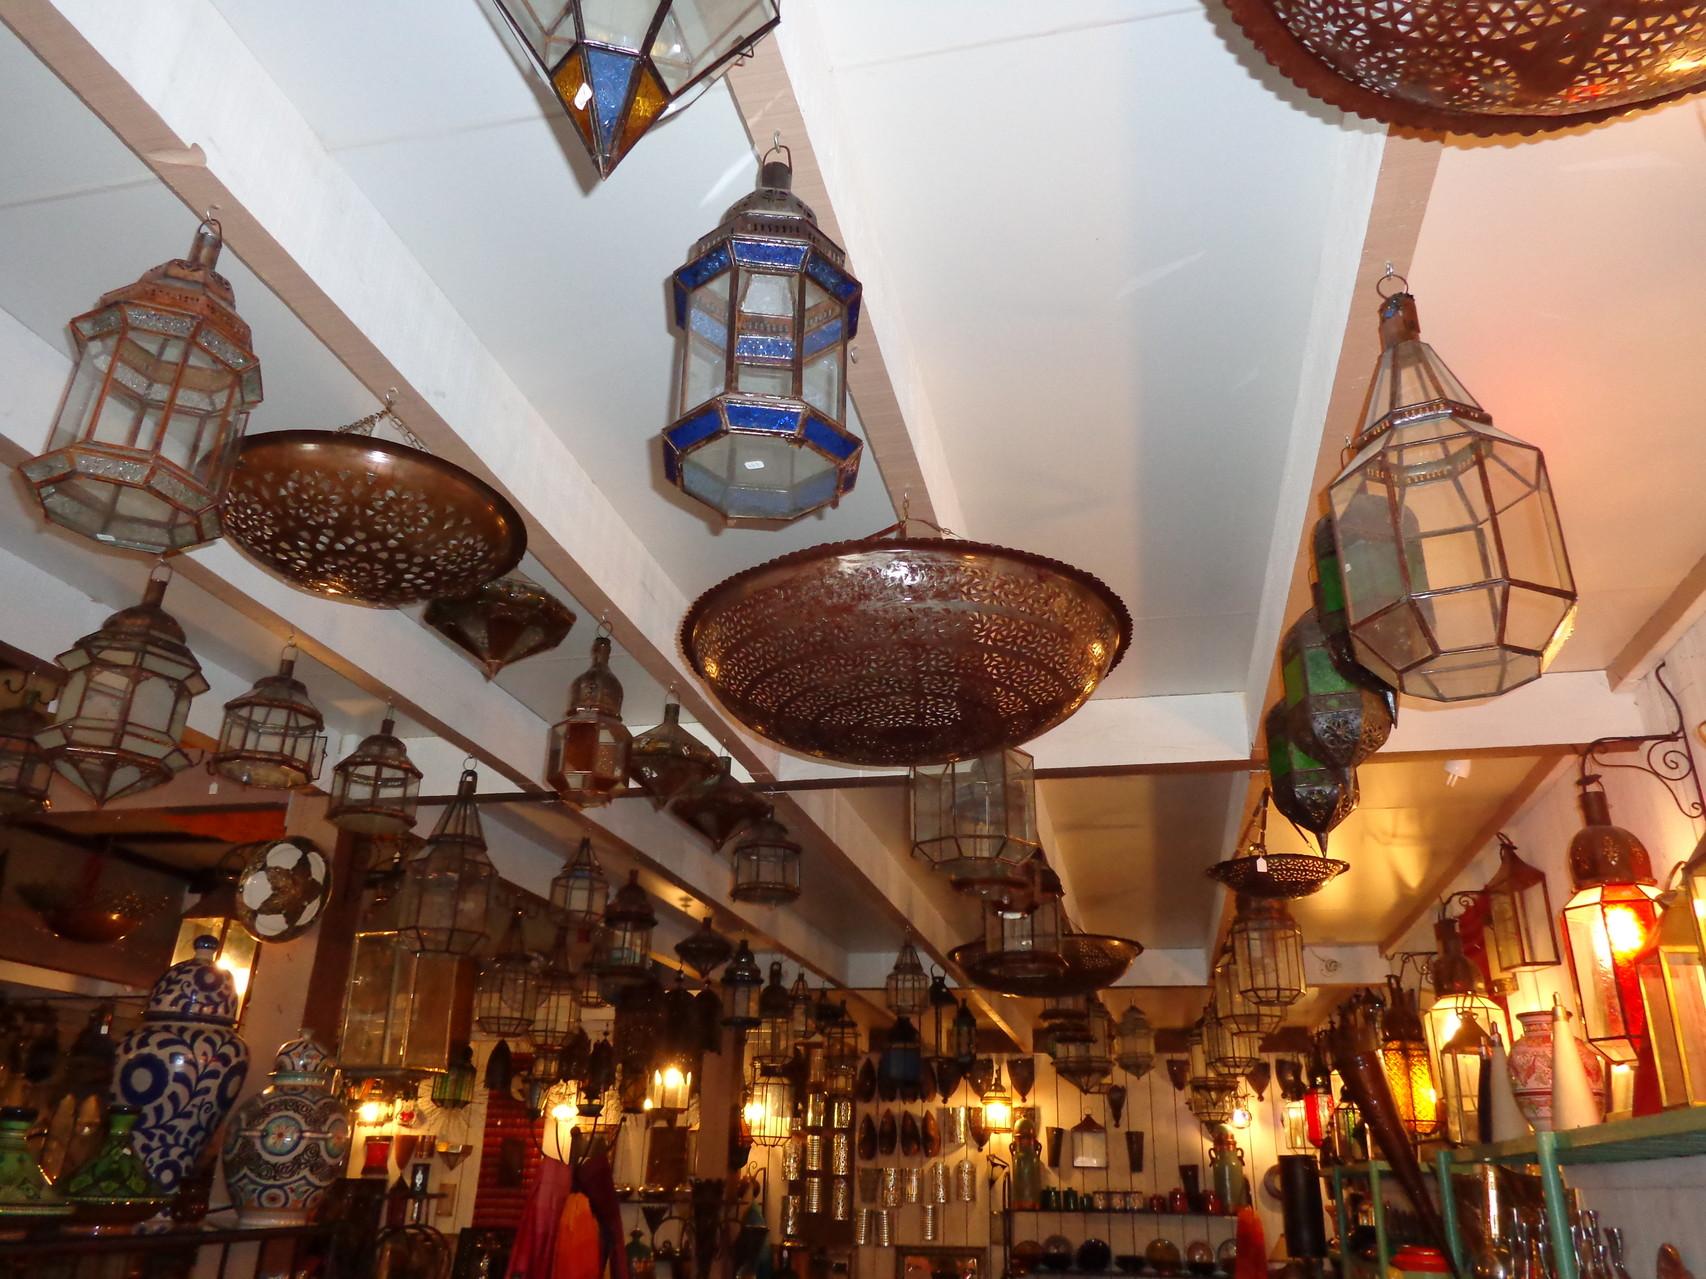 lustes marocains